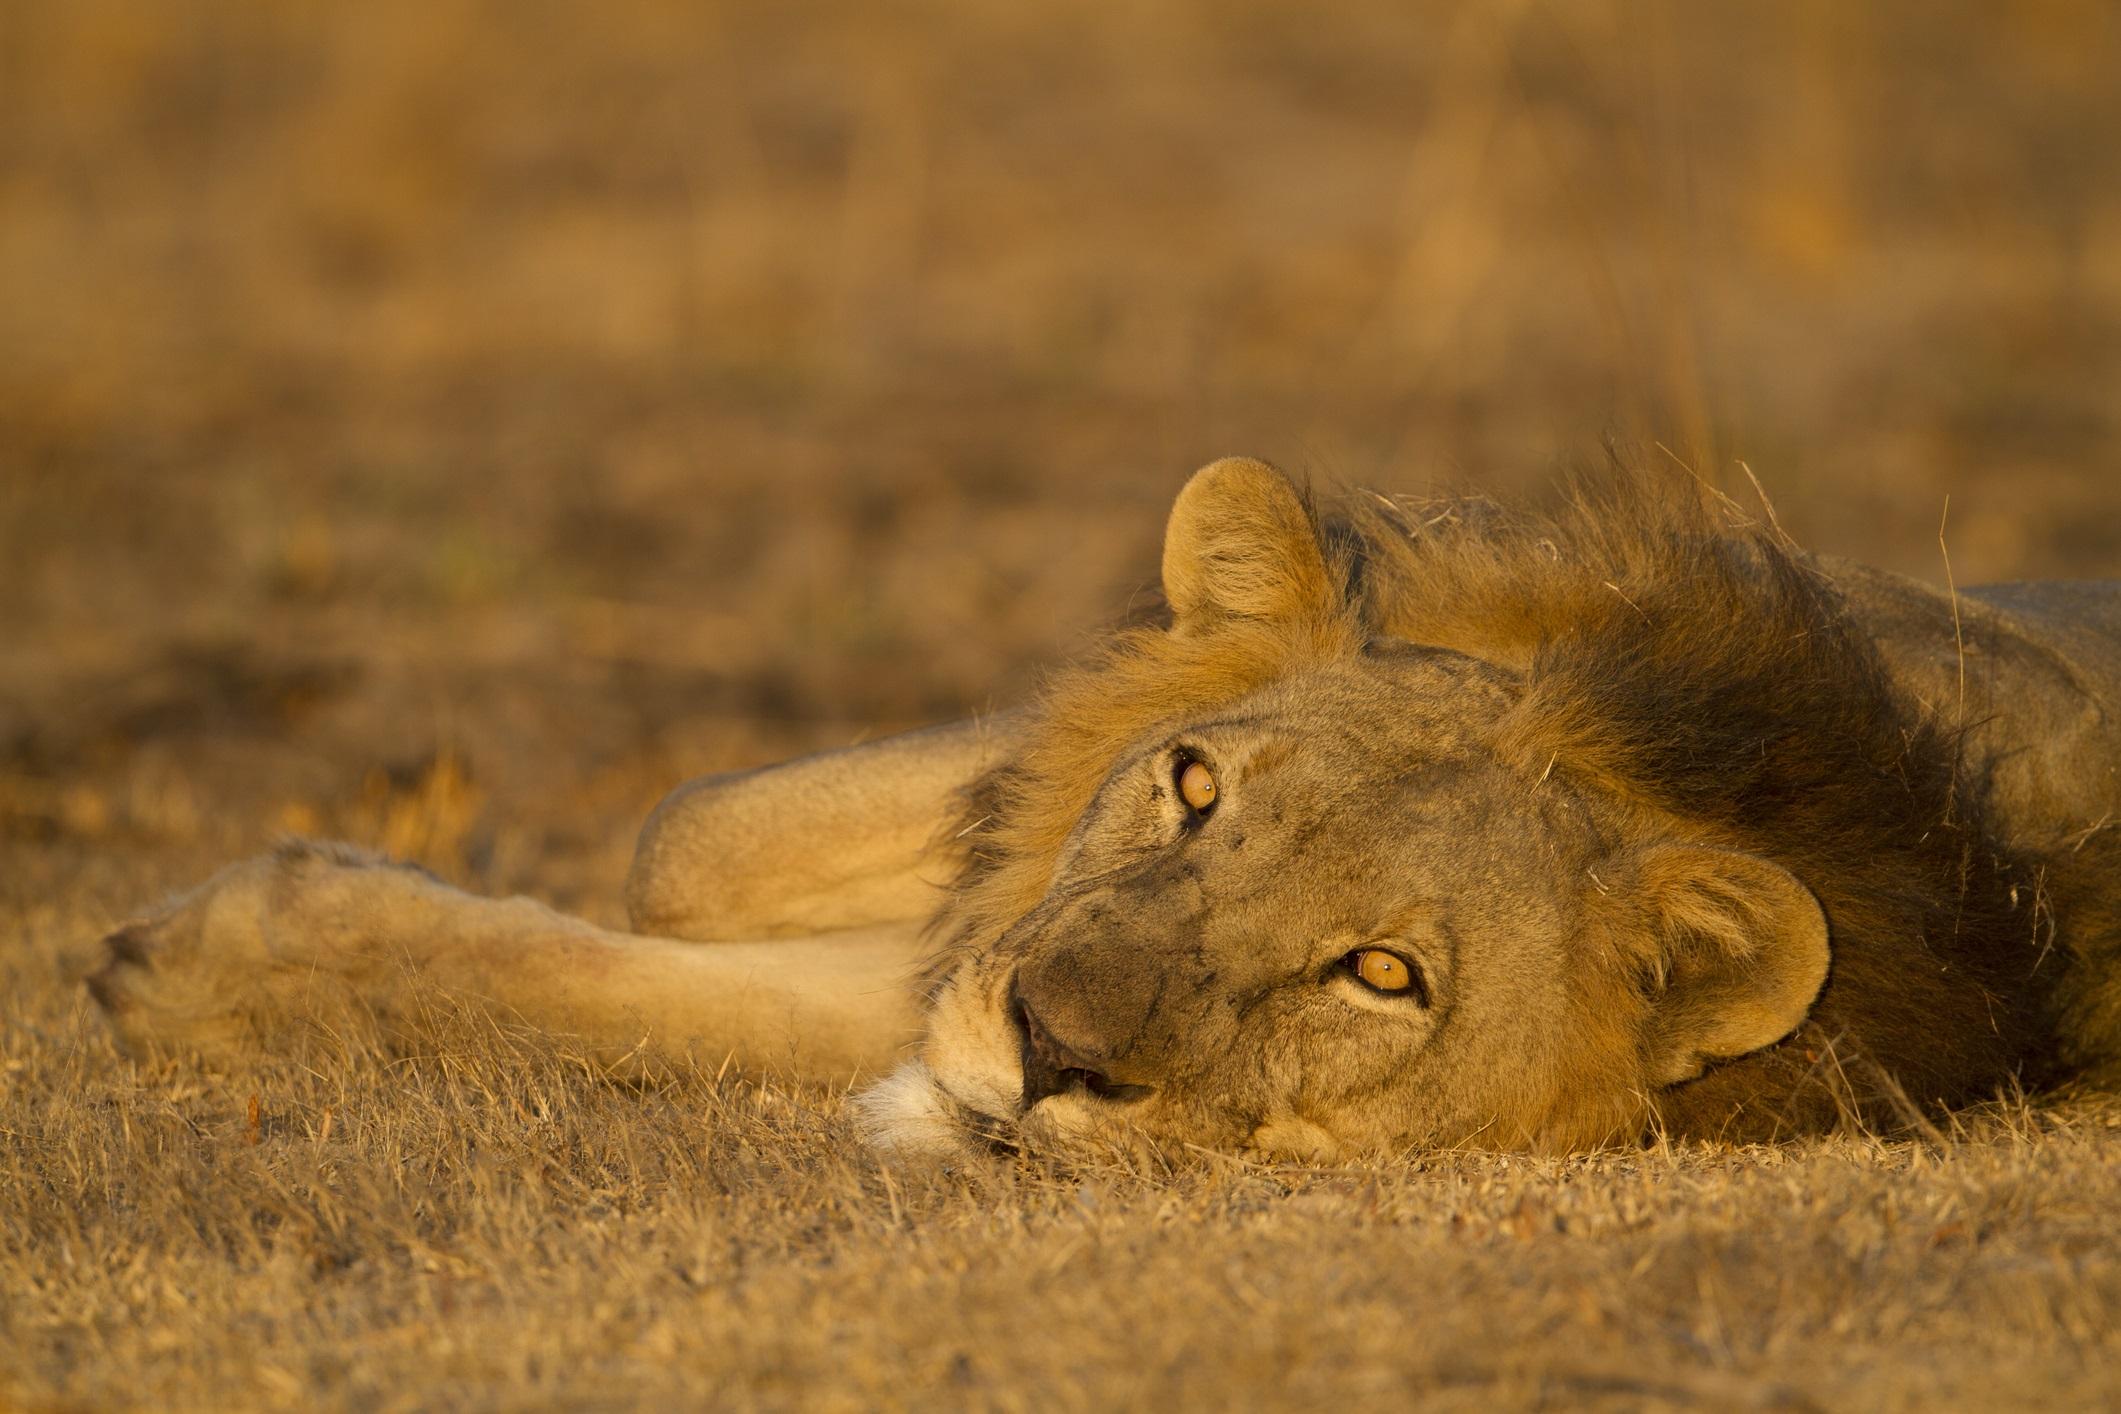 В същото време гигантският национален парк Кафуе, който е два пъти по-голям, привлича ценителите на сафари със своите феноменални наблюдения на лъвове и леопарди и невероятното разнообразие от антилопи, много видове от които рядко се срещат другаде. С изключение на носорог, големите пет са относително обичайни фигури тук. Лъвовете и гепардите често се виждат в равнините Бусанги и имате възможност да видите леопарди и боядисани кучета от лодка по река Луфупа. Замбия (заедно със Зимбабве) е известна с някои от най-добрите пътеводители в бизнеса и пешеходните сафарита, а нощните моторизирани разходки са нещо, които можете да се насладите тук, нещата които рядко са достъпни в национални паркове в други райони.